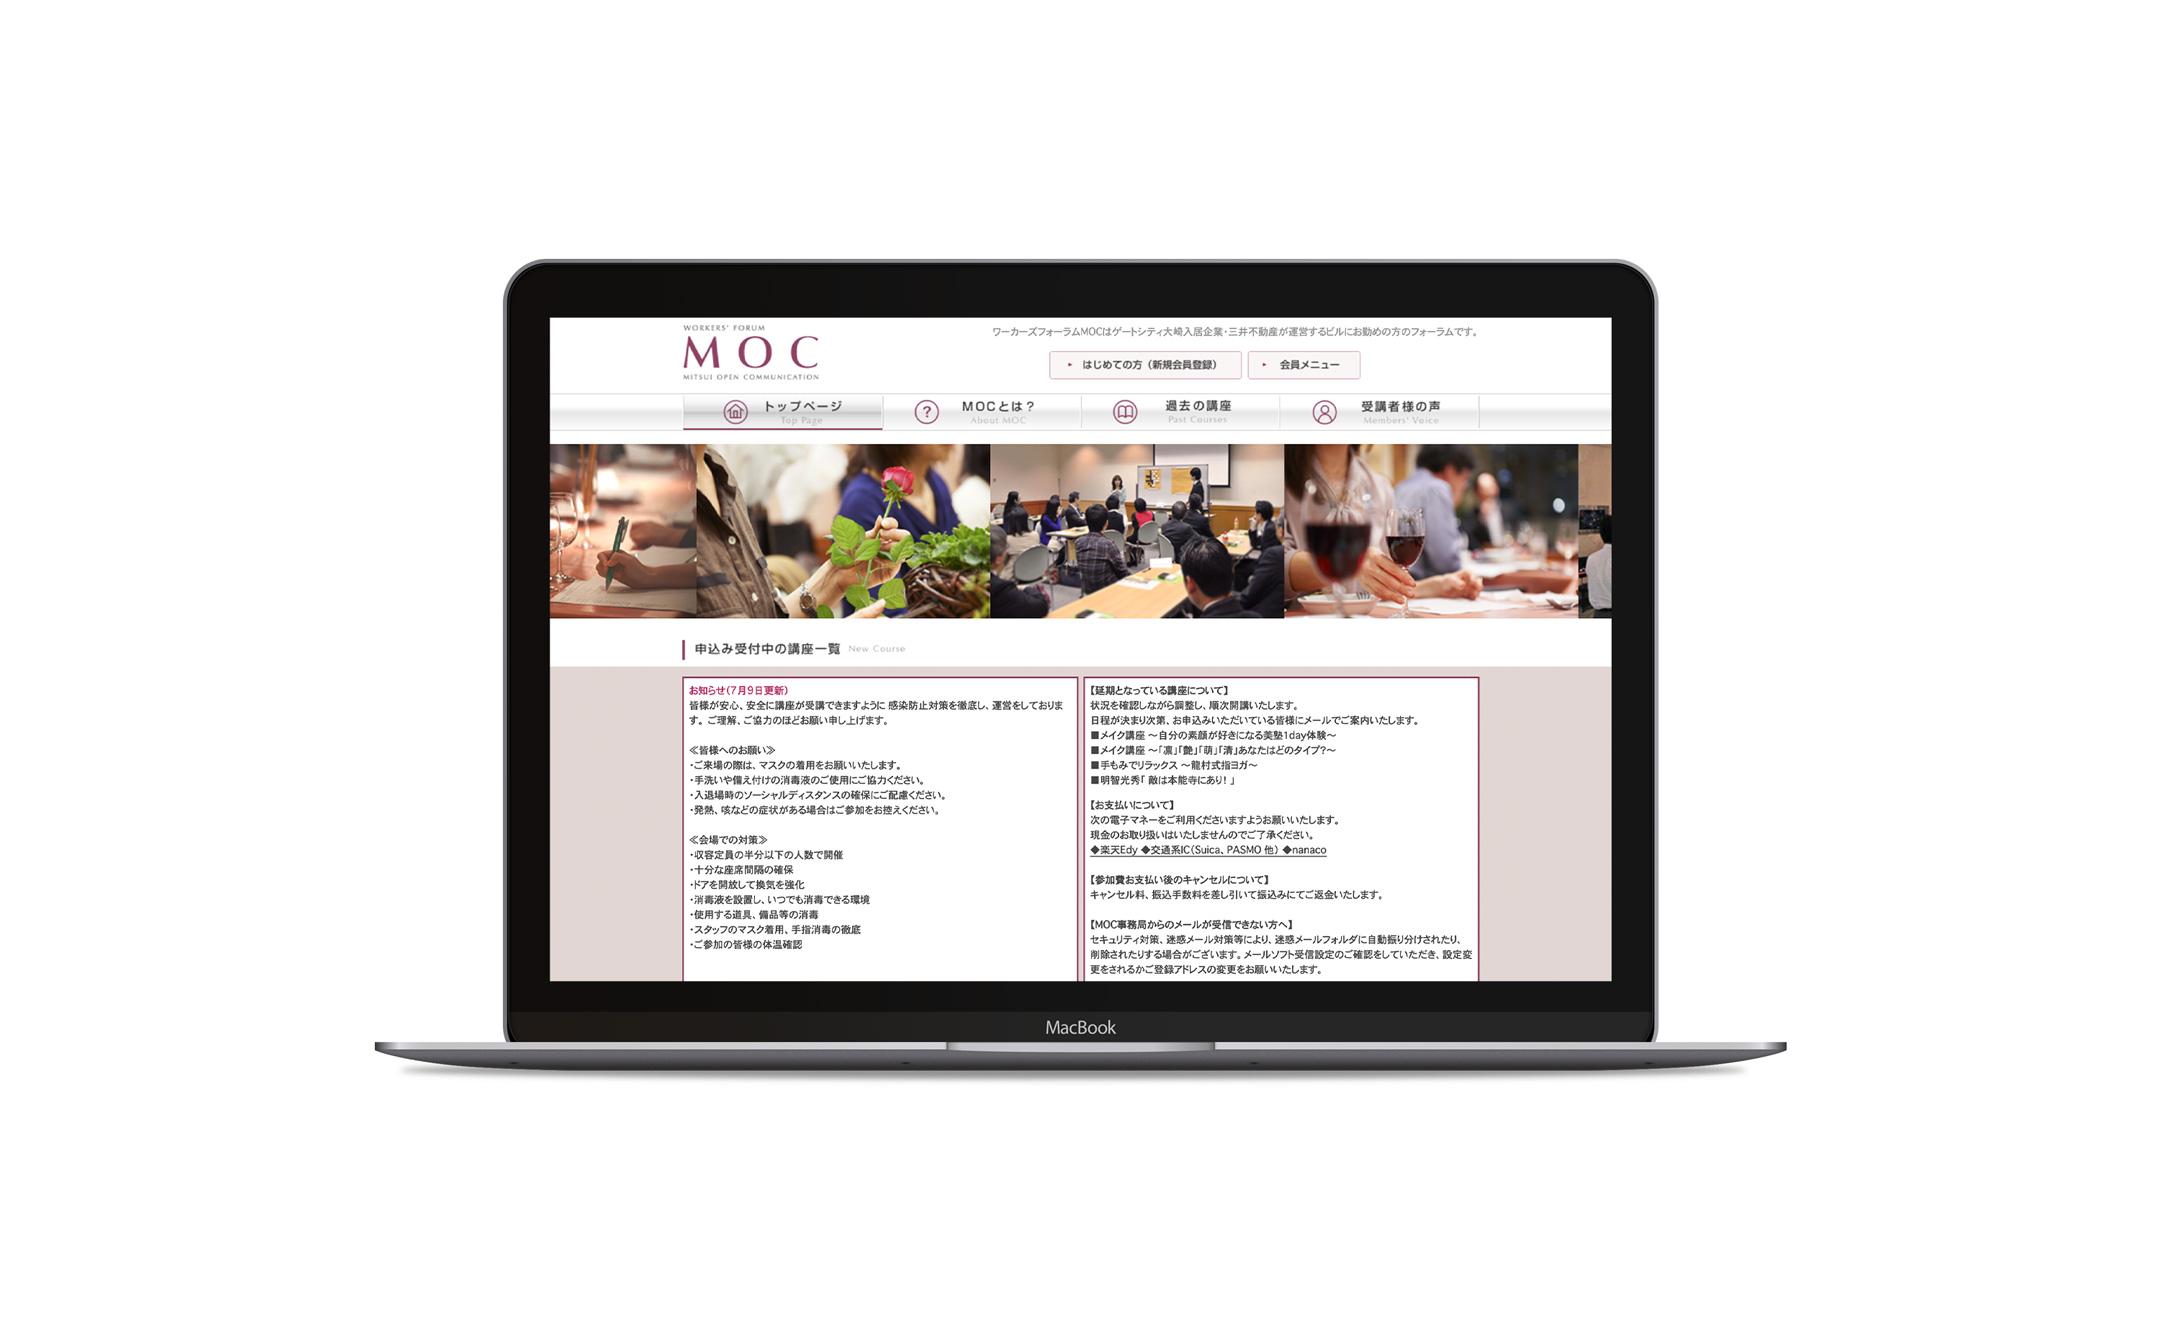 オフィスワーカー向けセミナー告知サイト「MOC」